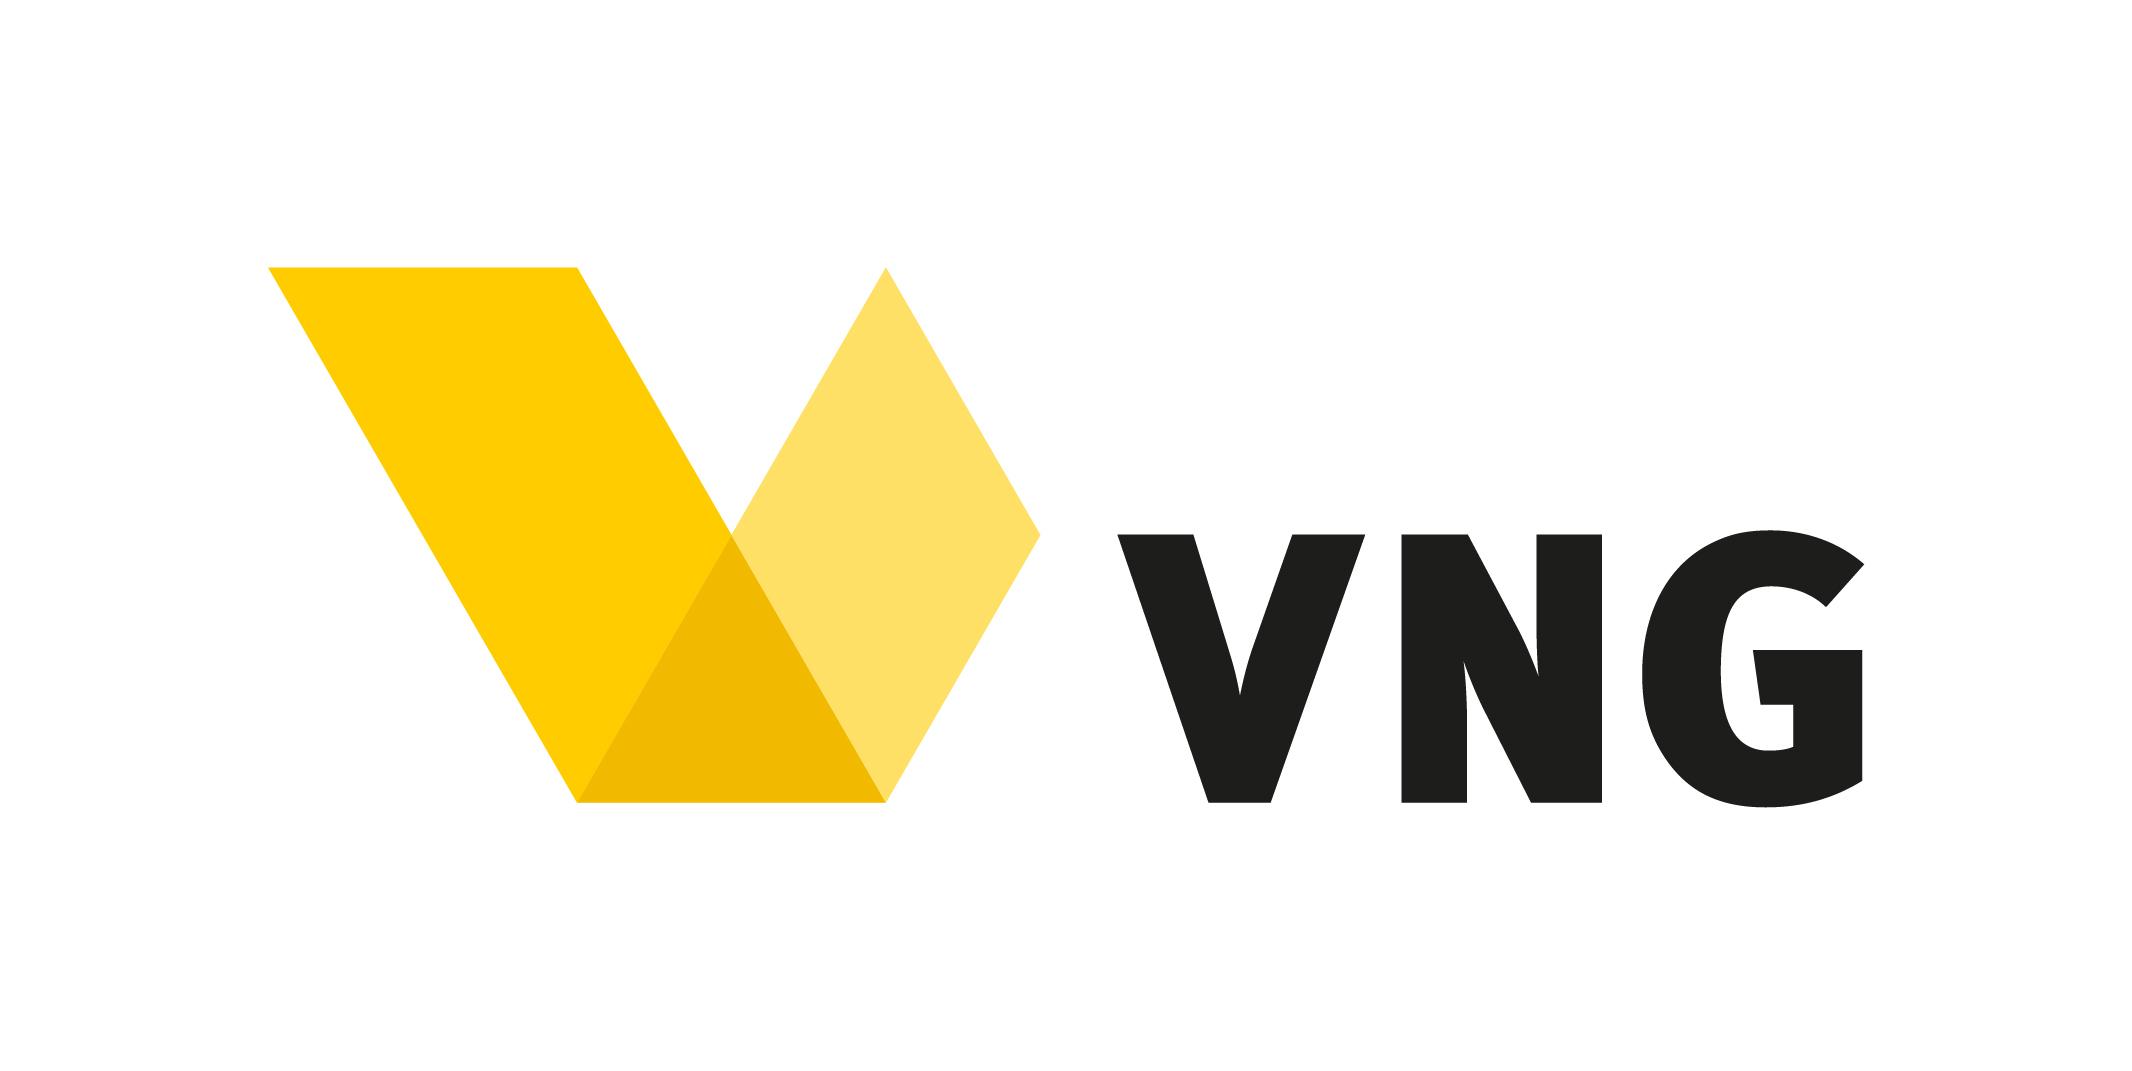 VNG_Dachmarke_Standard_RGB-1